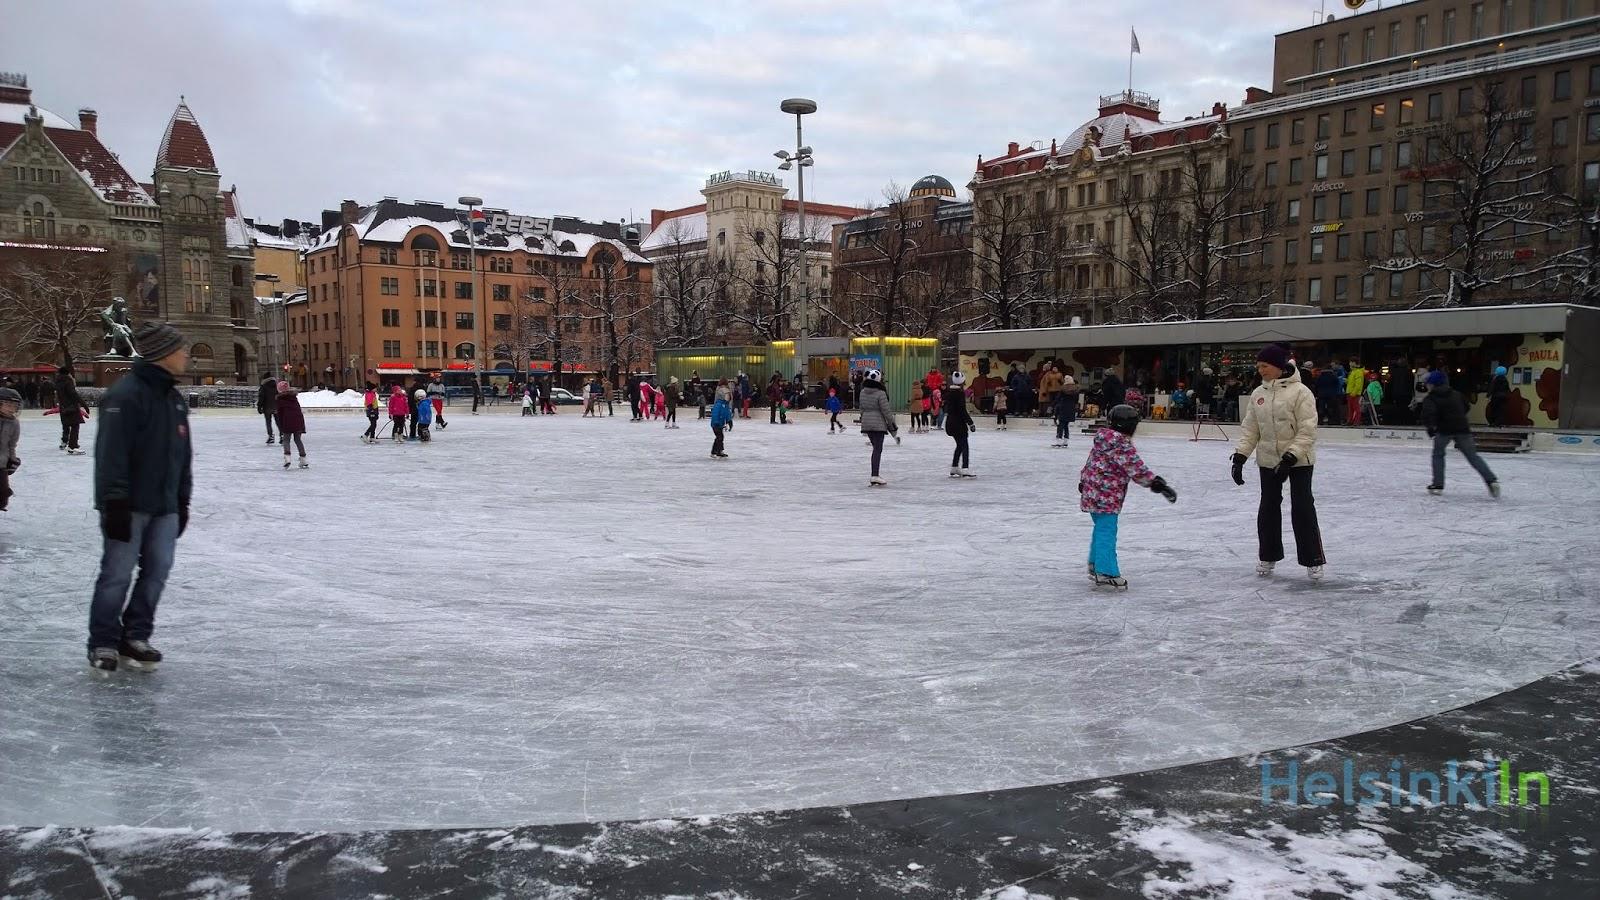 IcePark at Rautatientori